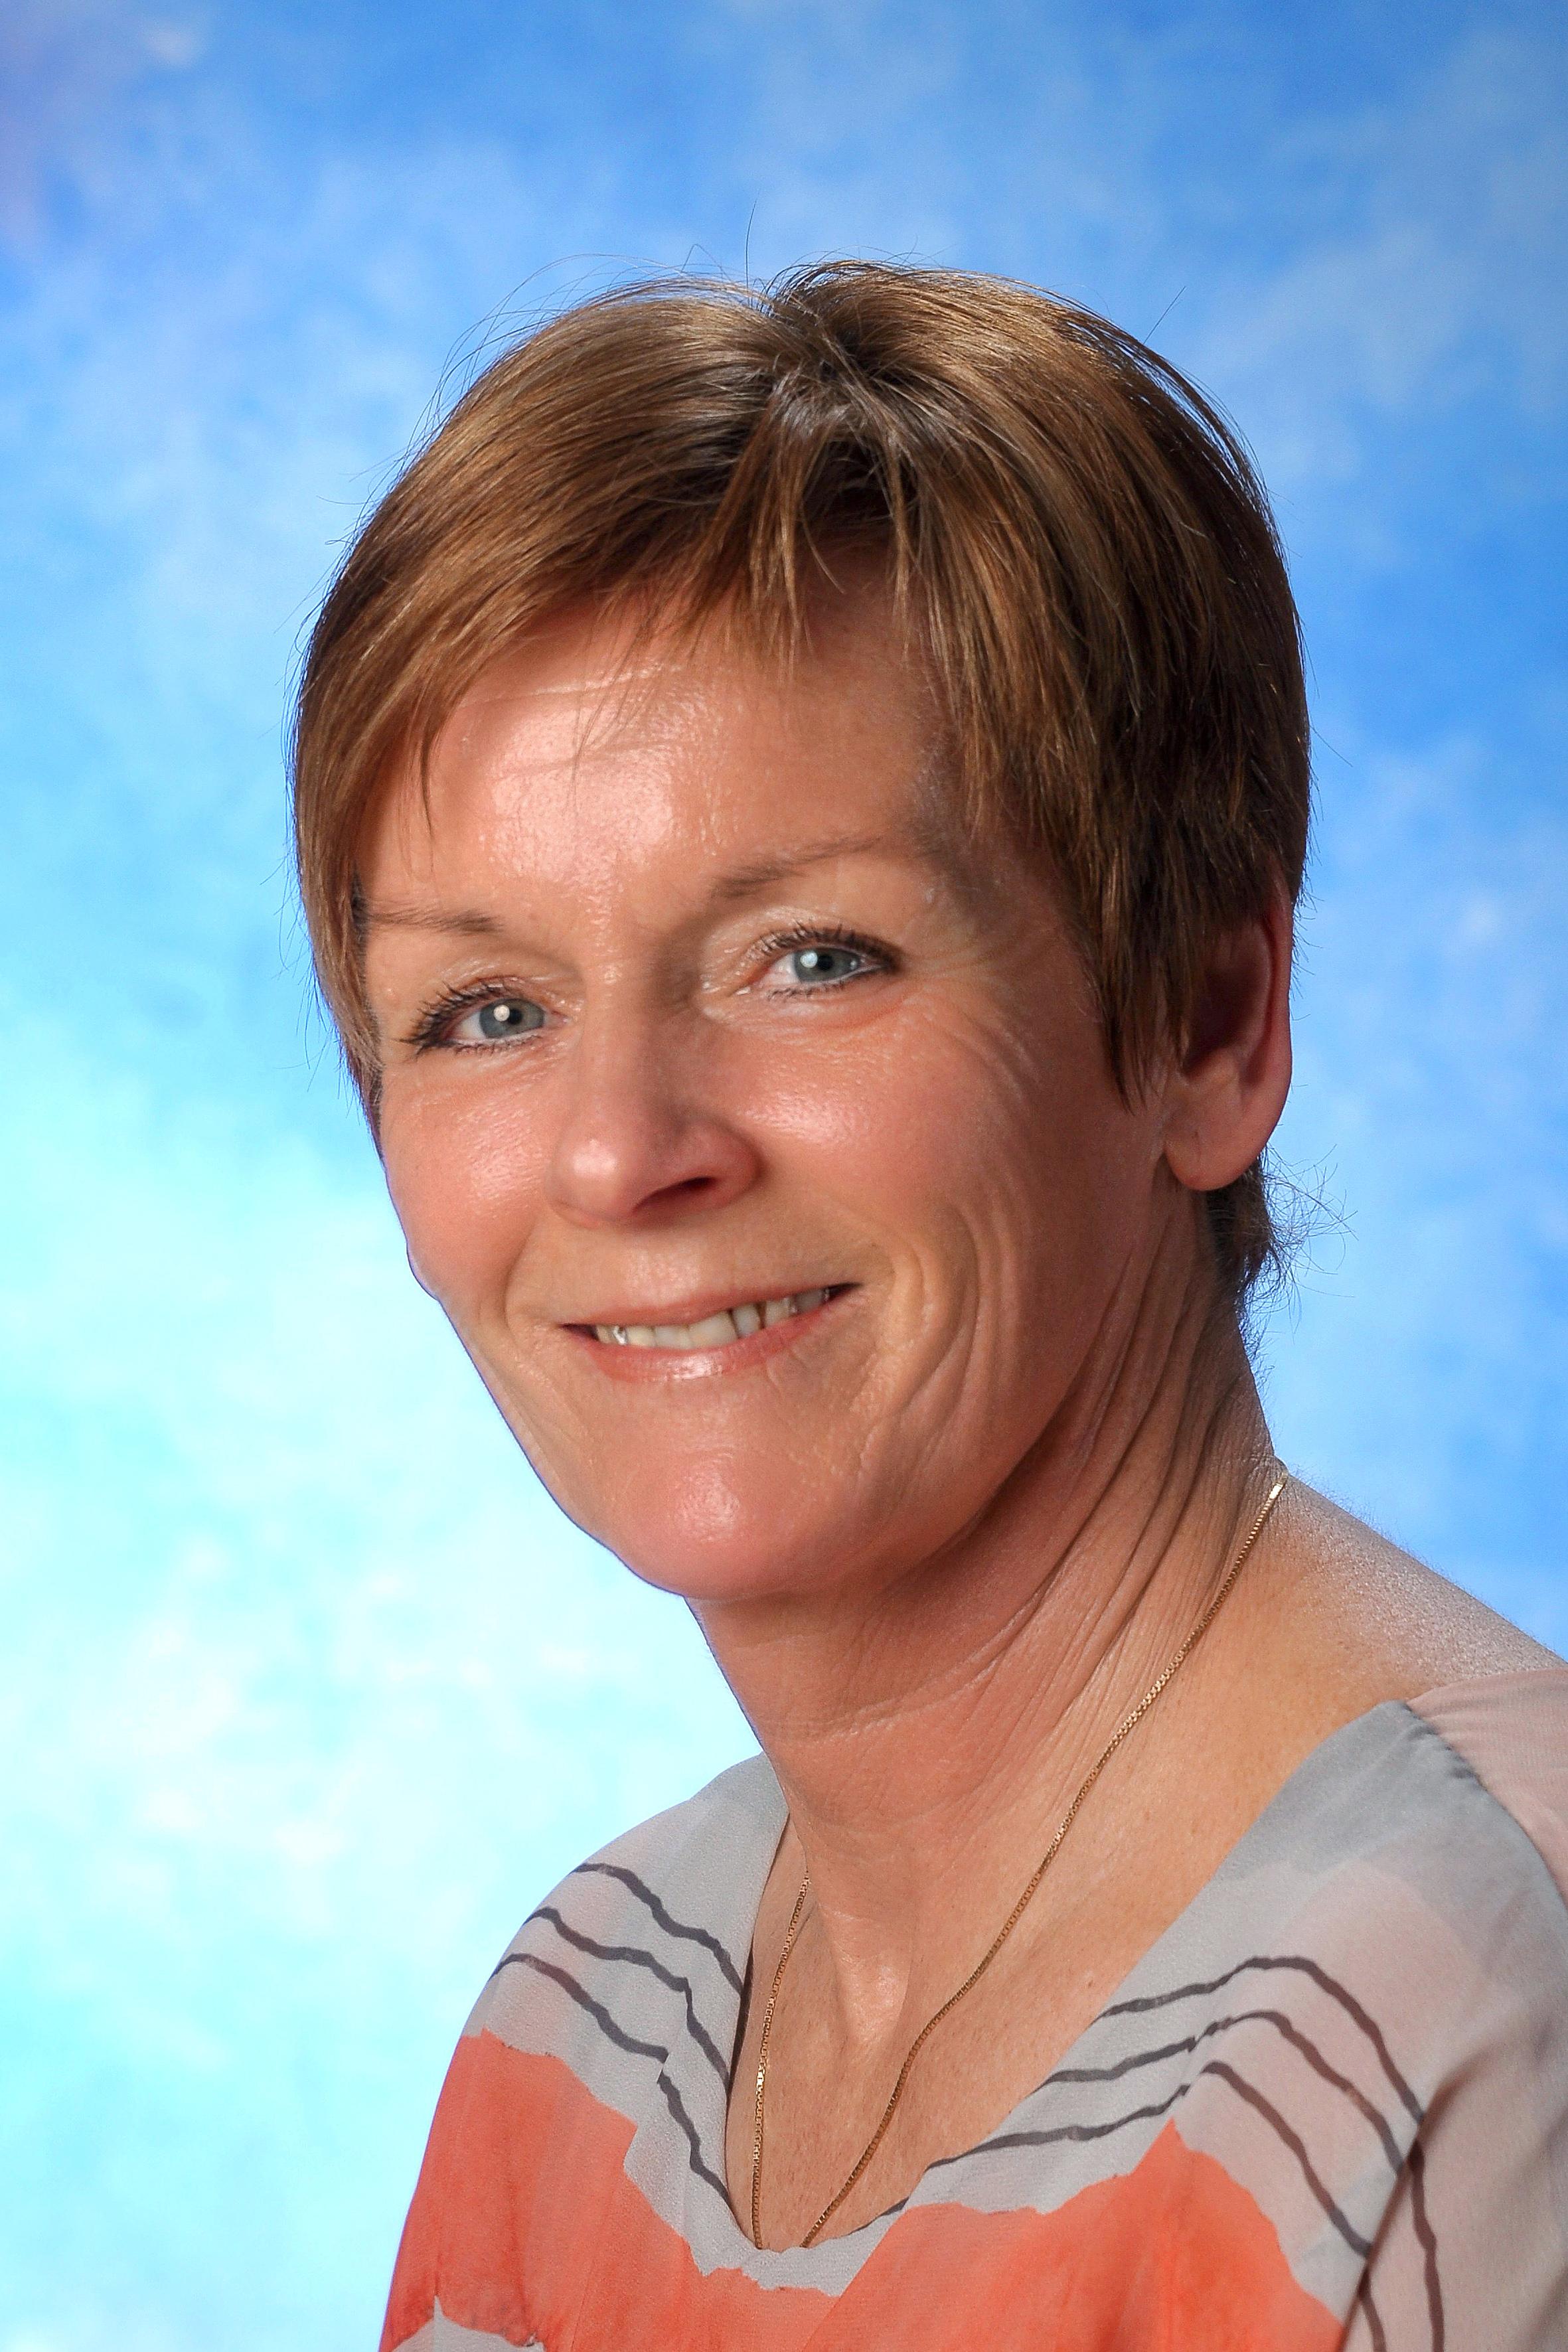 Mathilde Hagleitner